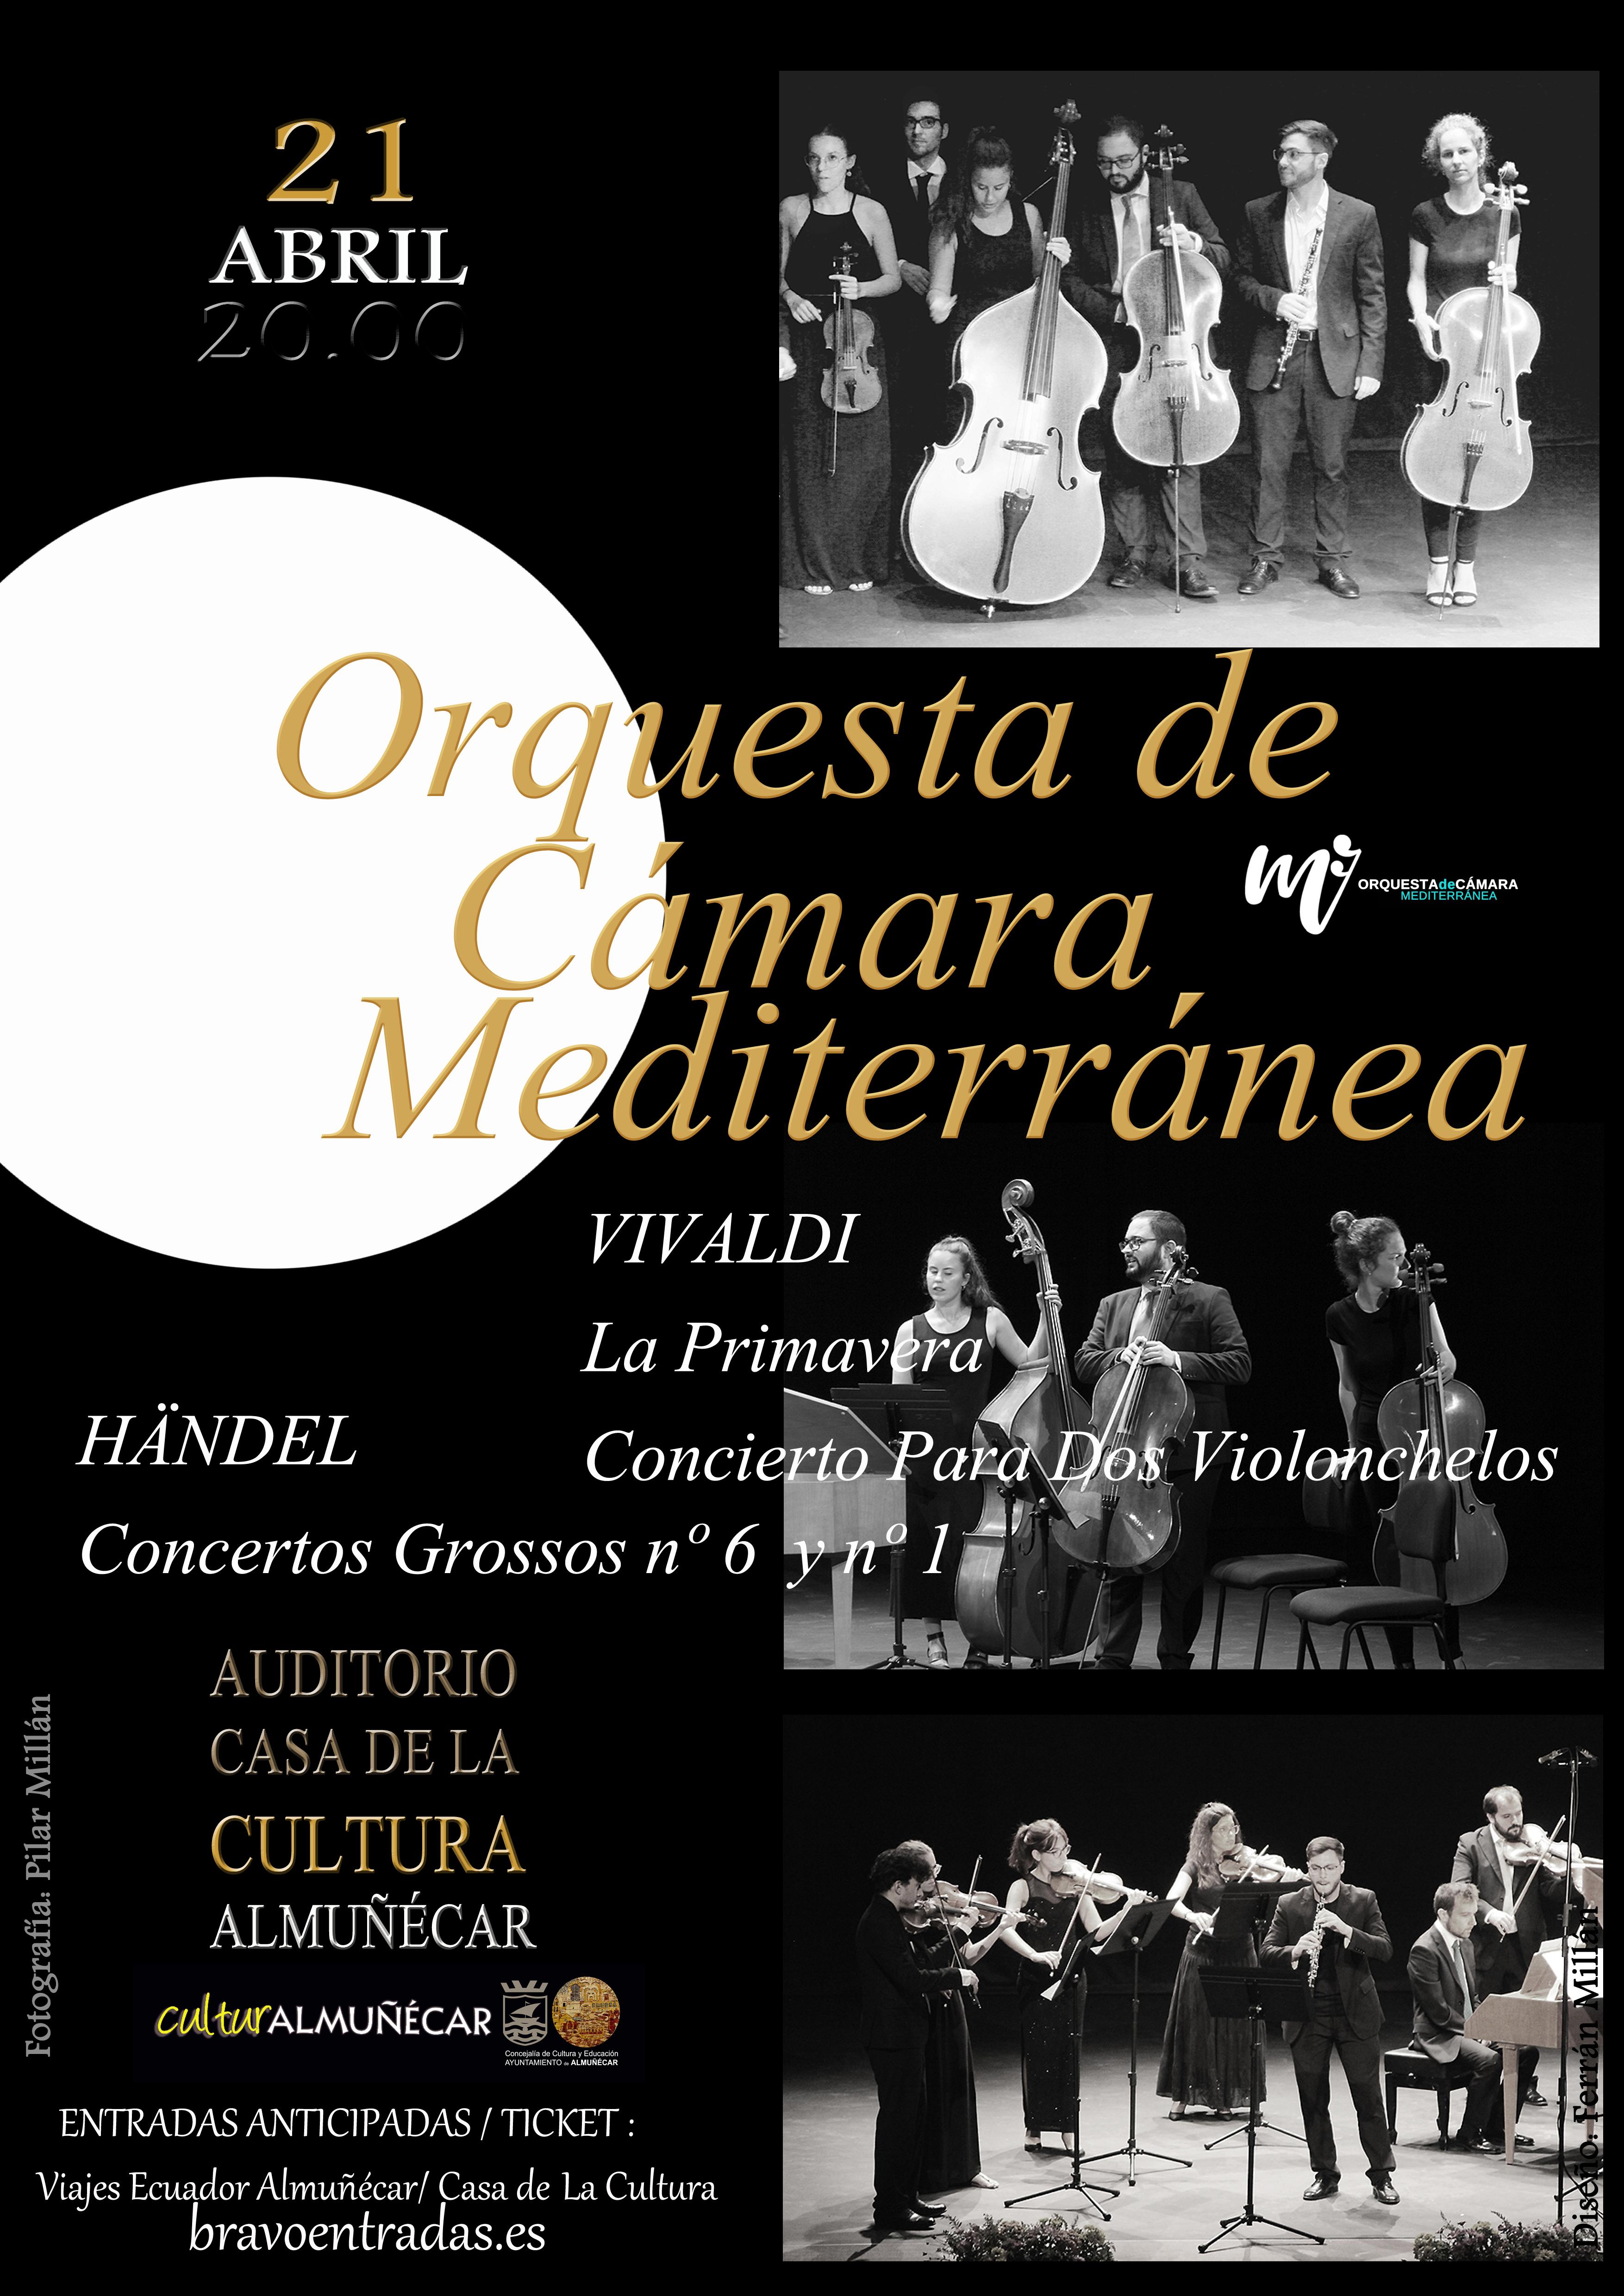 Concierto de Primavera de la Orquesta de Camara Mediterránea en Almuñécar